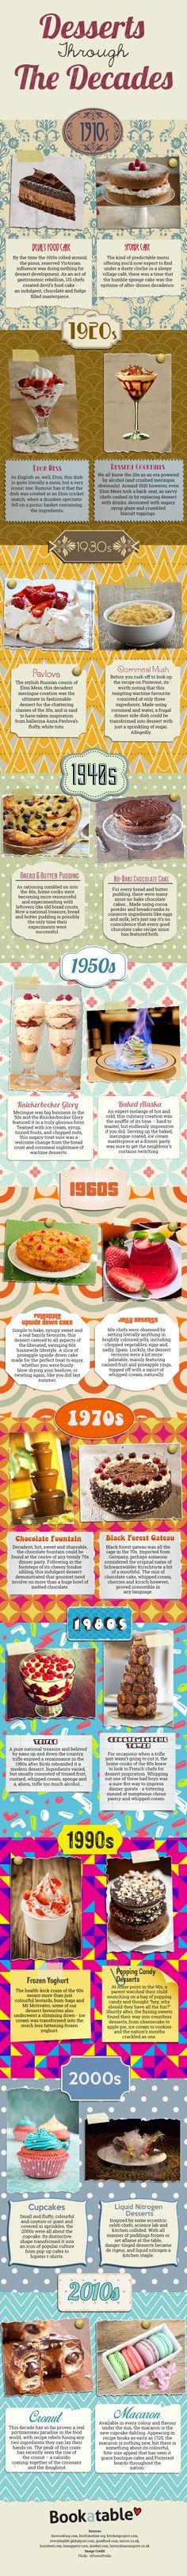 Desserts Through the Decades #infographic #Food #Dessert